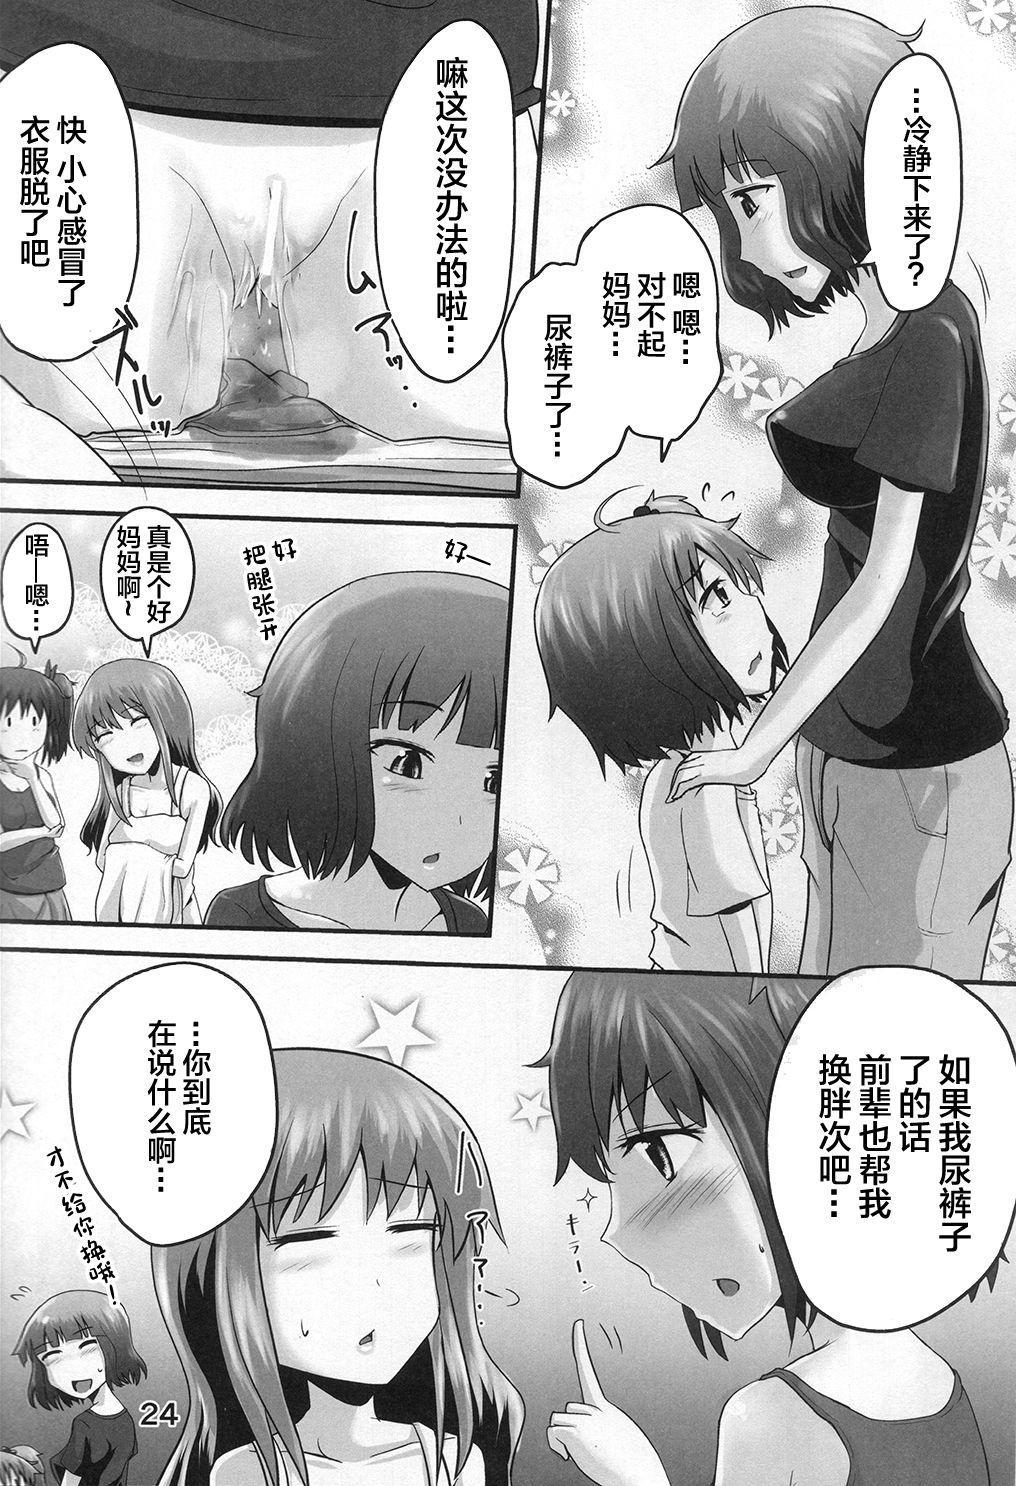 Suzu no Shitatari 23 23